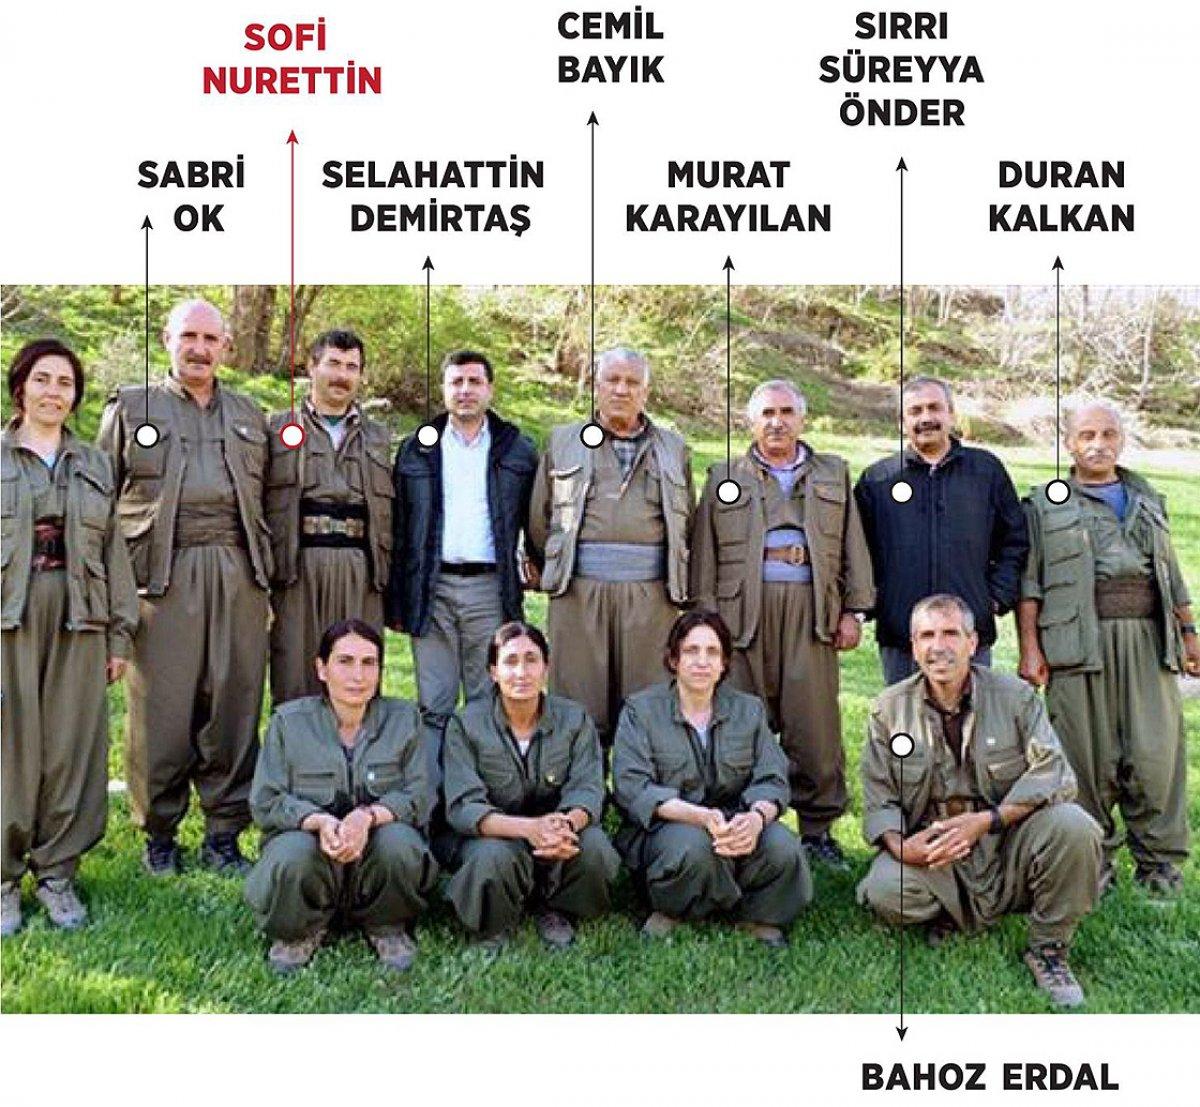 PKK nın Suriye sorumlusu Sofi Nurettin in öldürüldüğü TSK ve MİT operasyonunun ayrıntıları #1